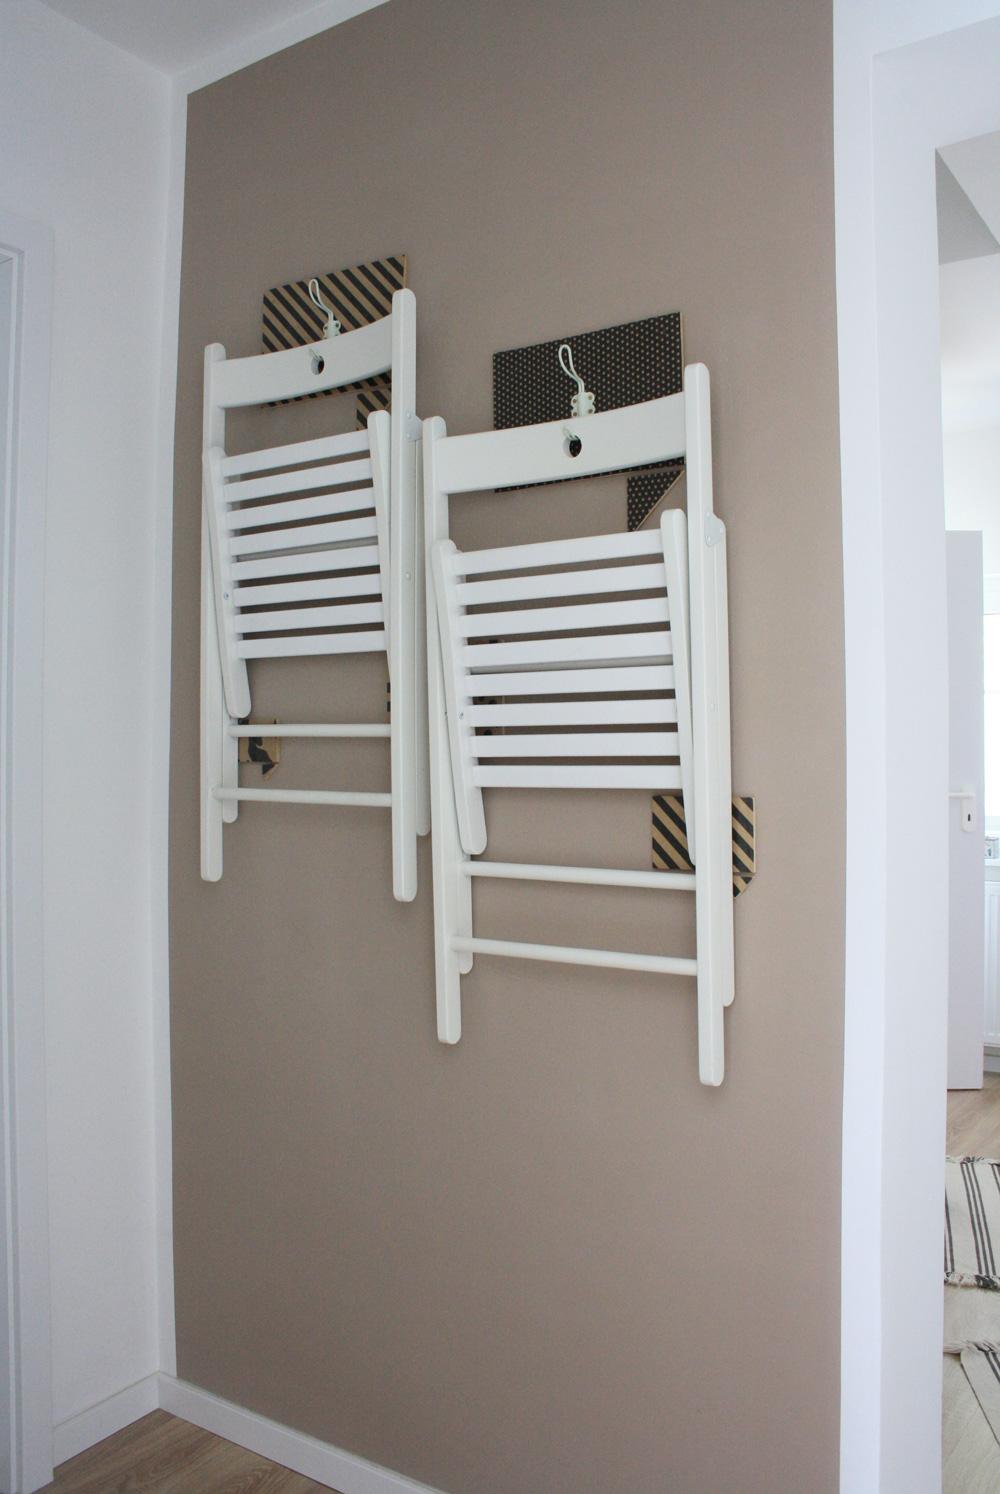 Terje Klappstühle hübsch aufhängen & verstauen [IKEA HACK]